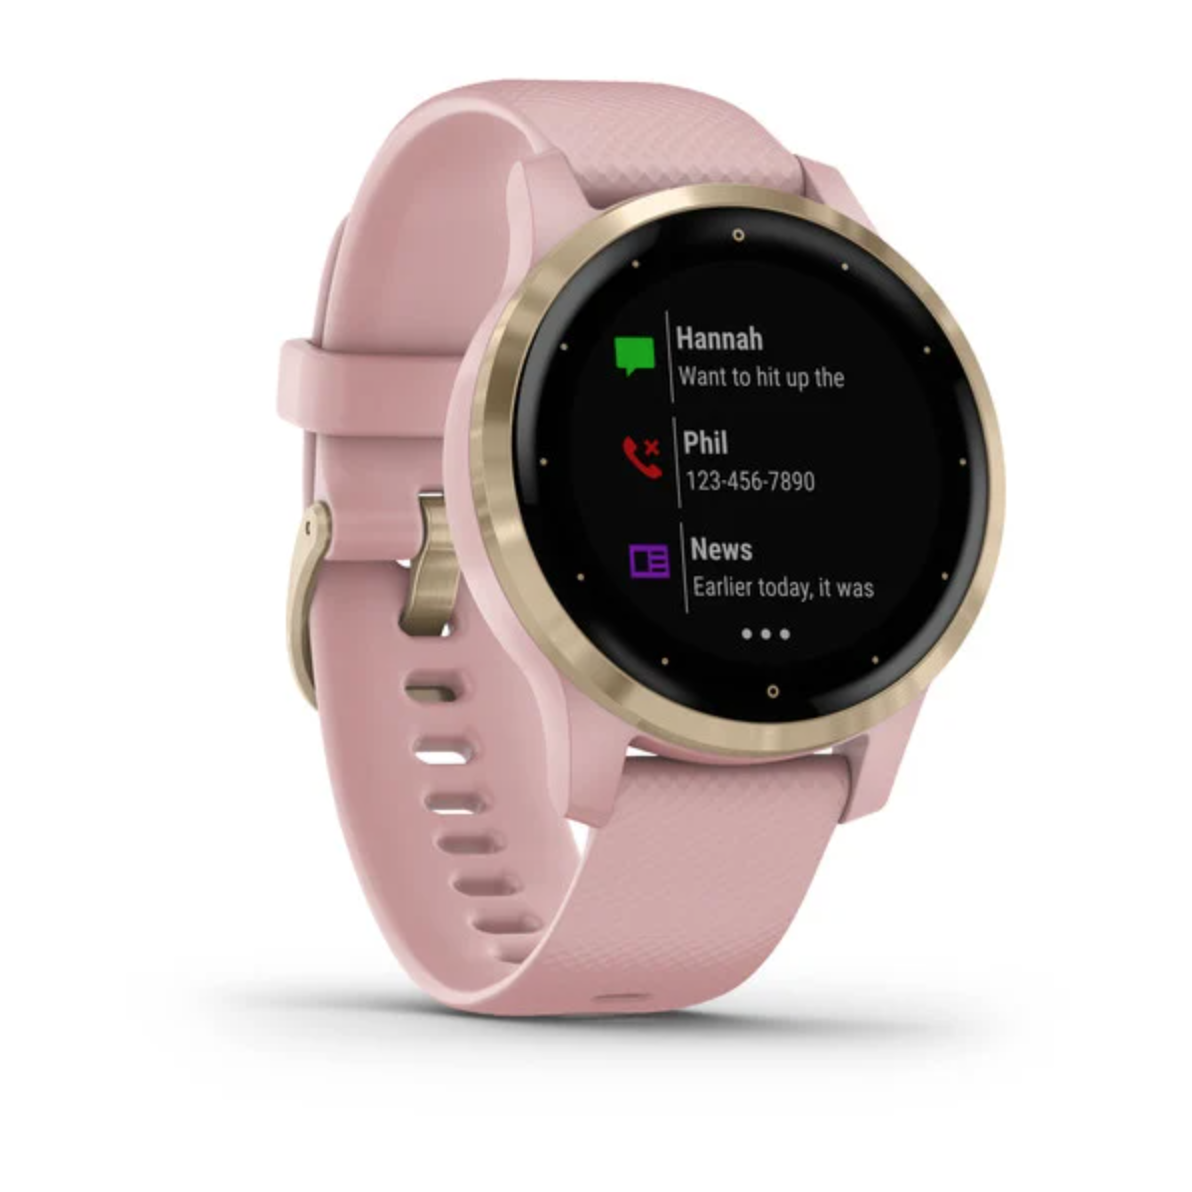 garmin-watch-cyber-monday-deal